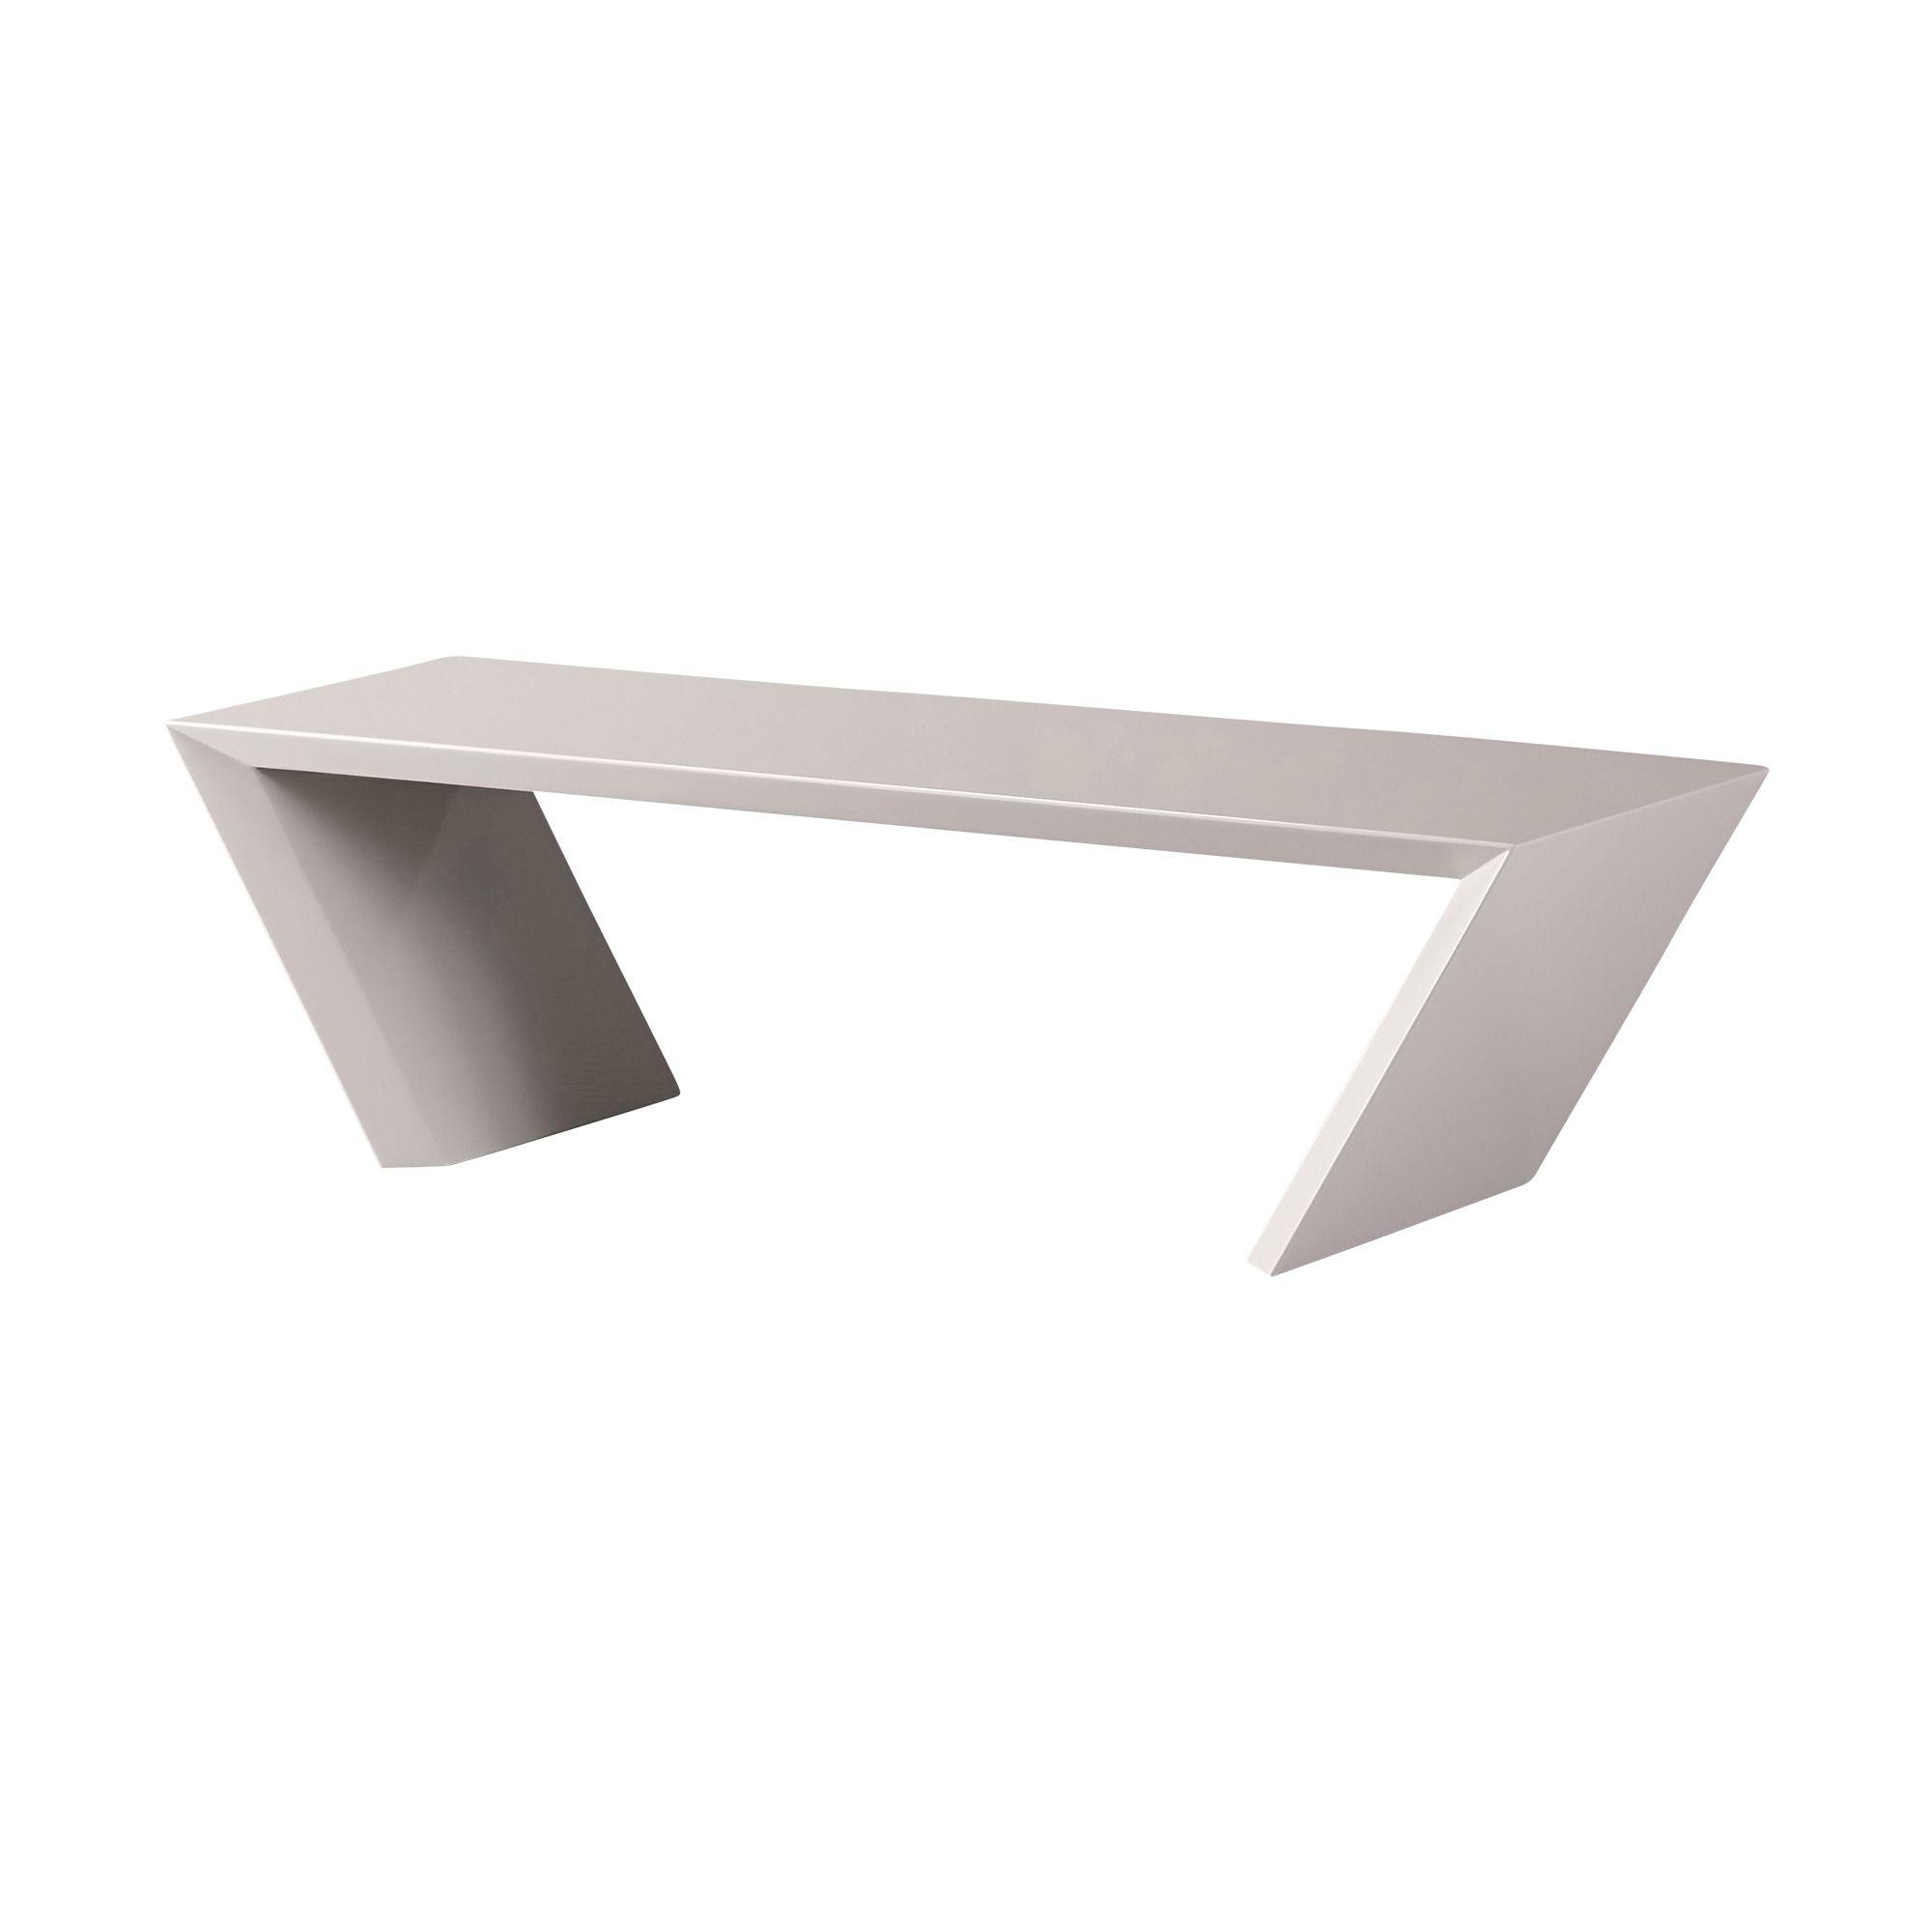 【W1200】ルーミヌ コーヒー テーブル ライトグレー(ライトグレー) Francfranc(フランフラン)公式サイト 家具、インテリア雑貨、通販